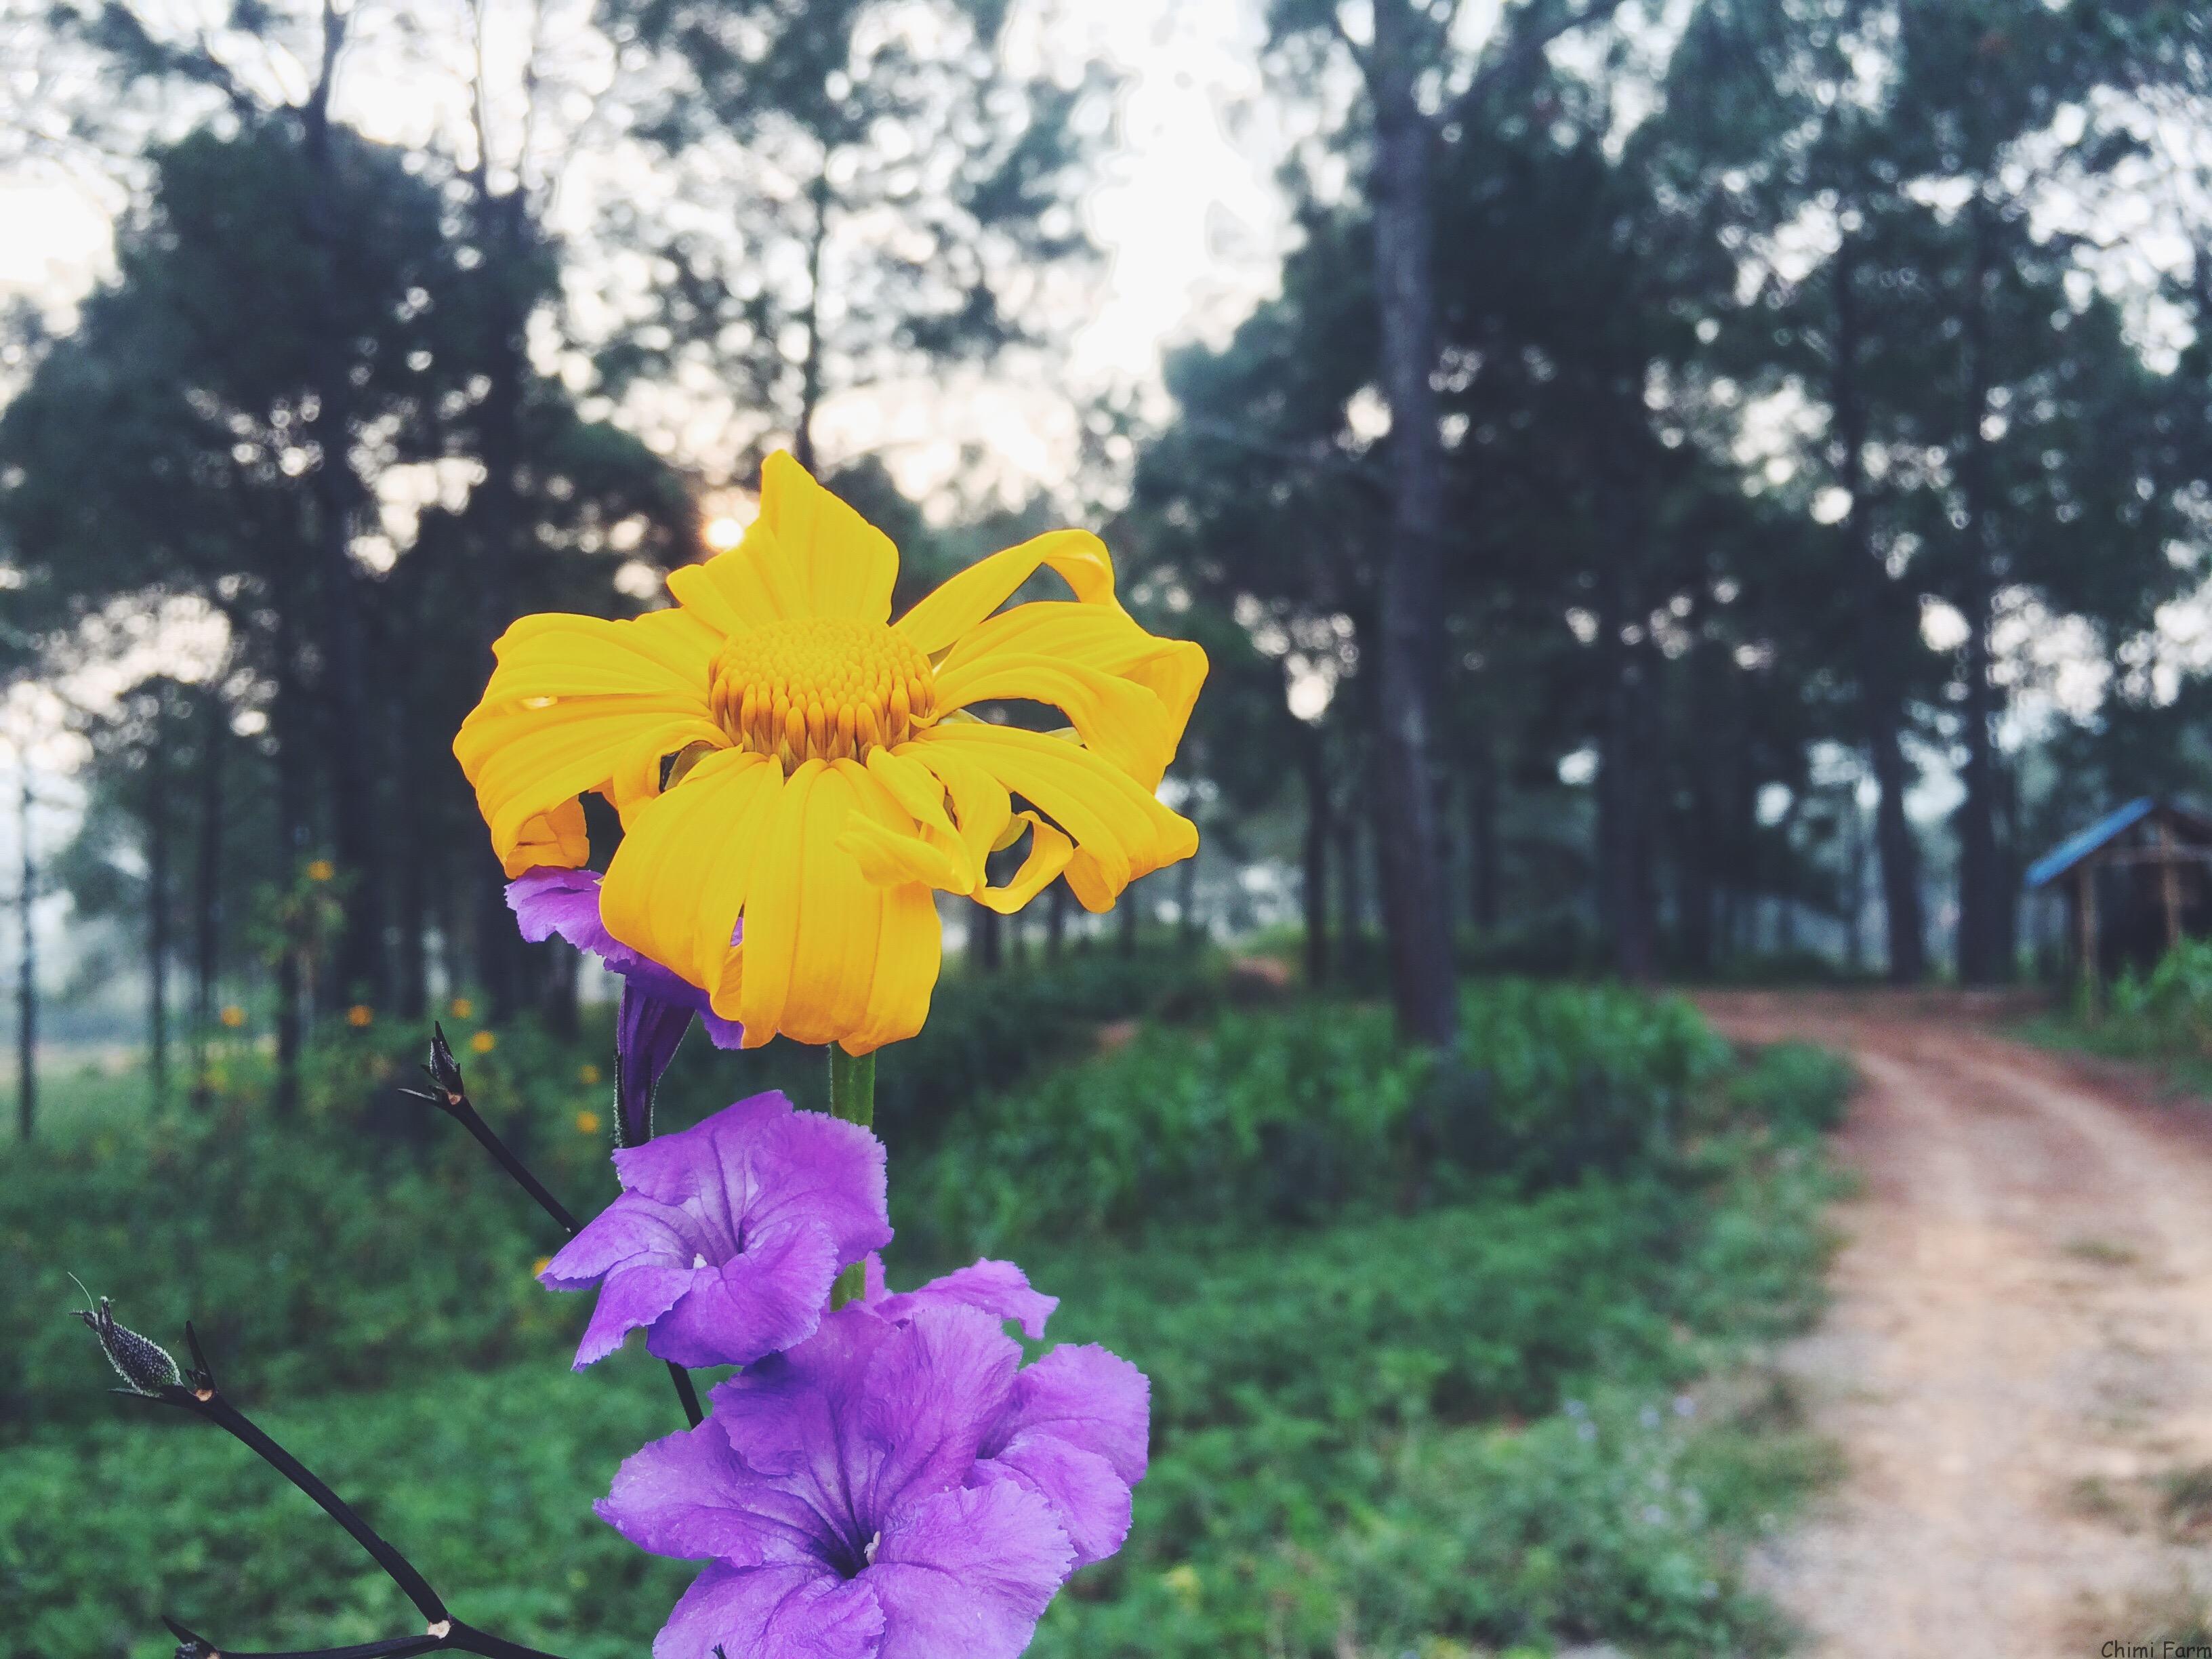 Dã quỳ Mộc Châu là một loài hoa dại của núi rừng Tây Bắc